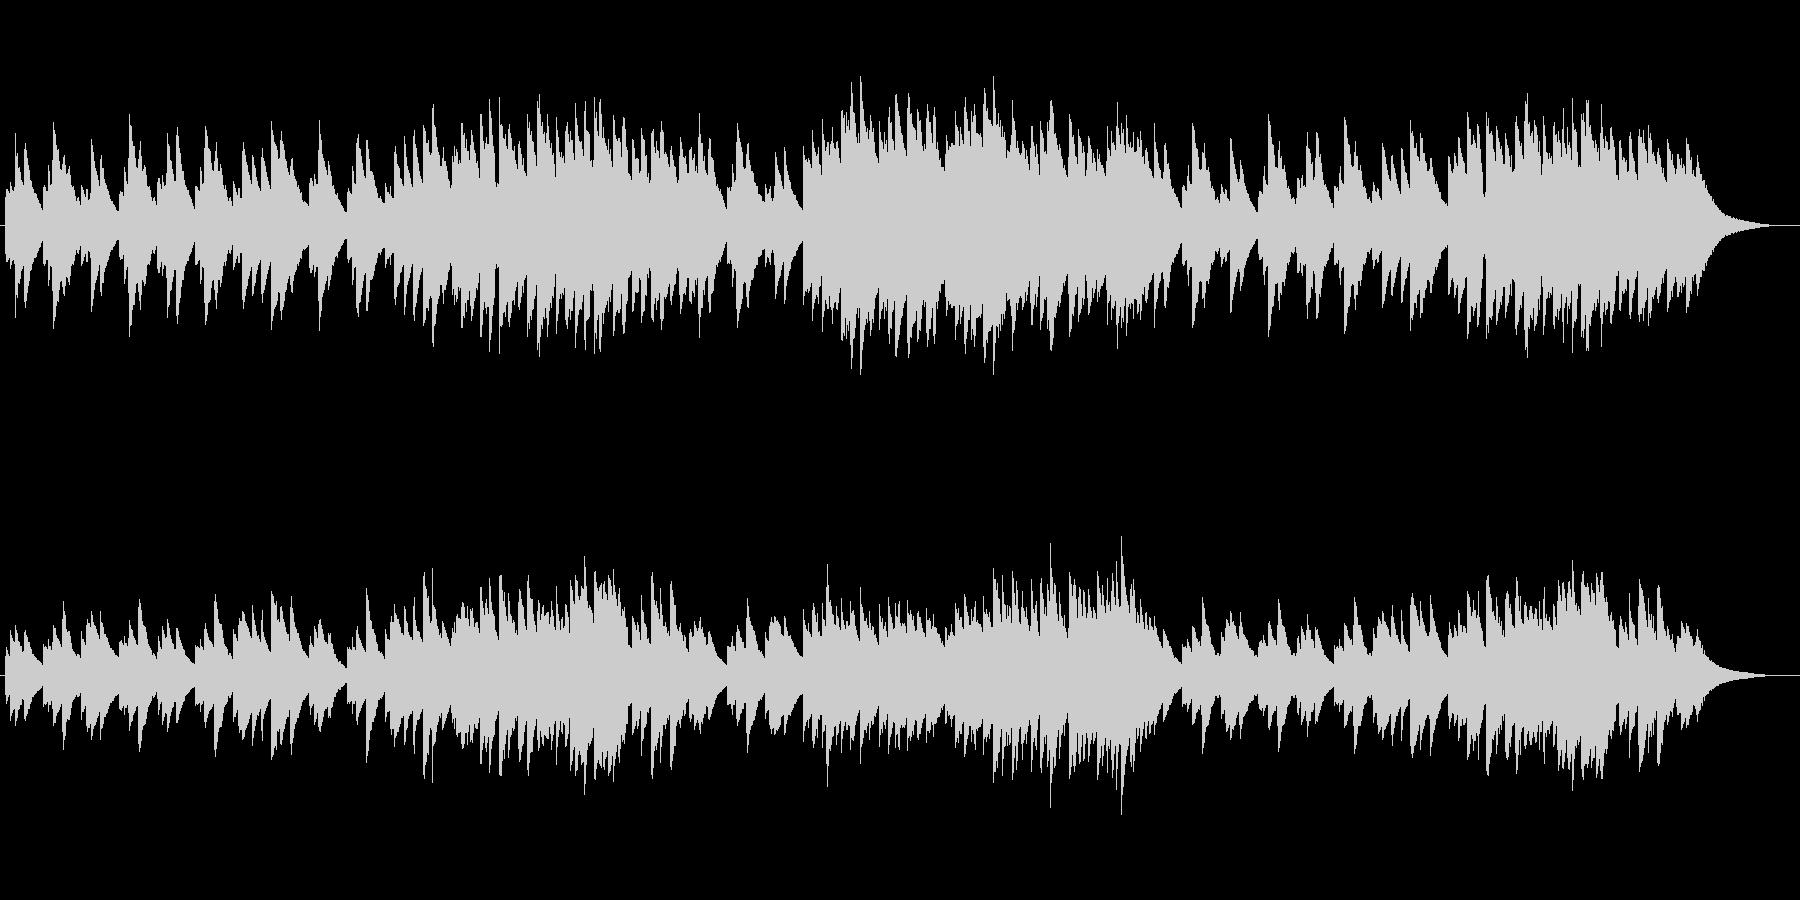 オルゴールのリラクゼーションミュージックの未再生の波形